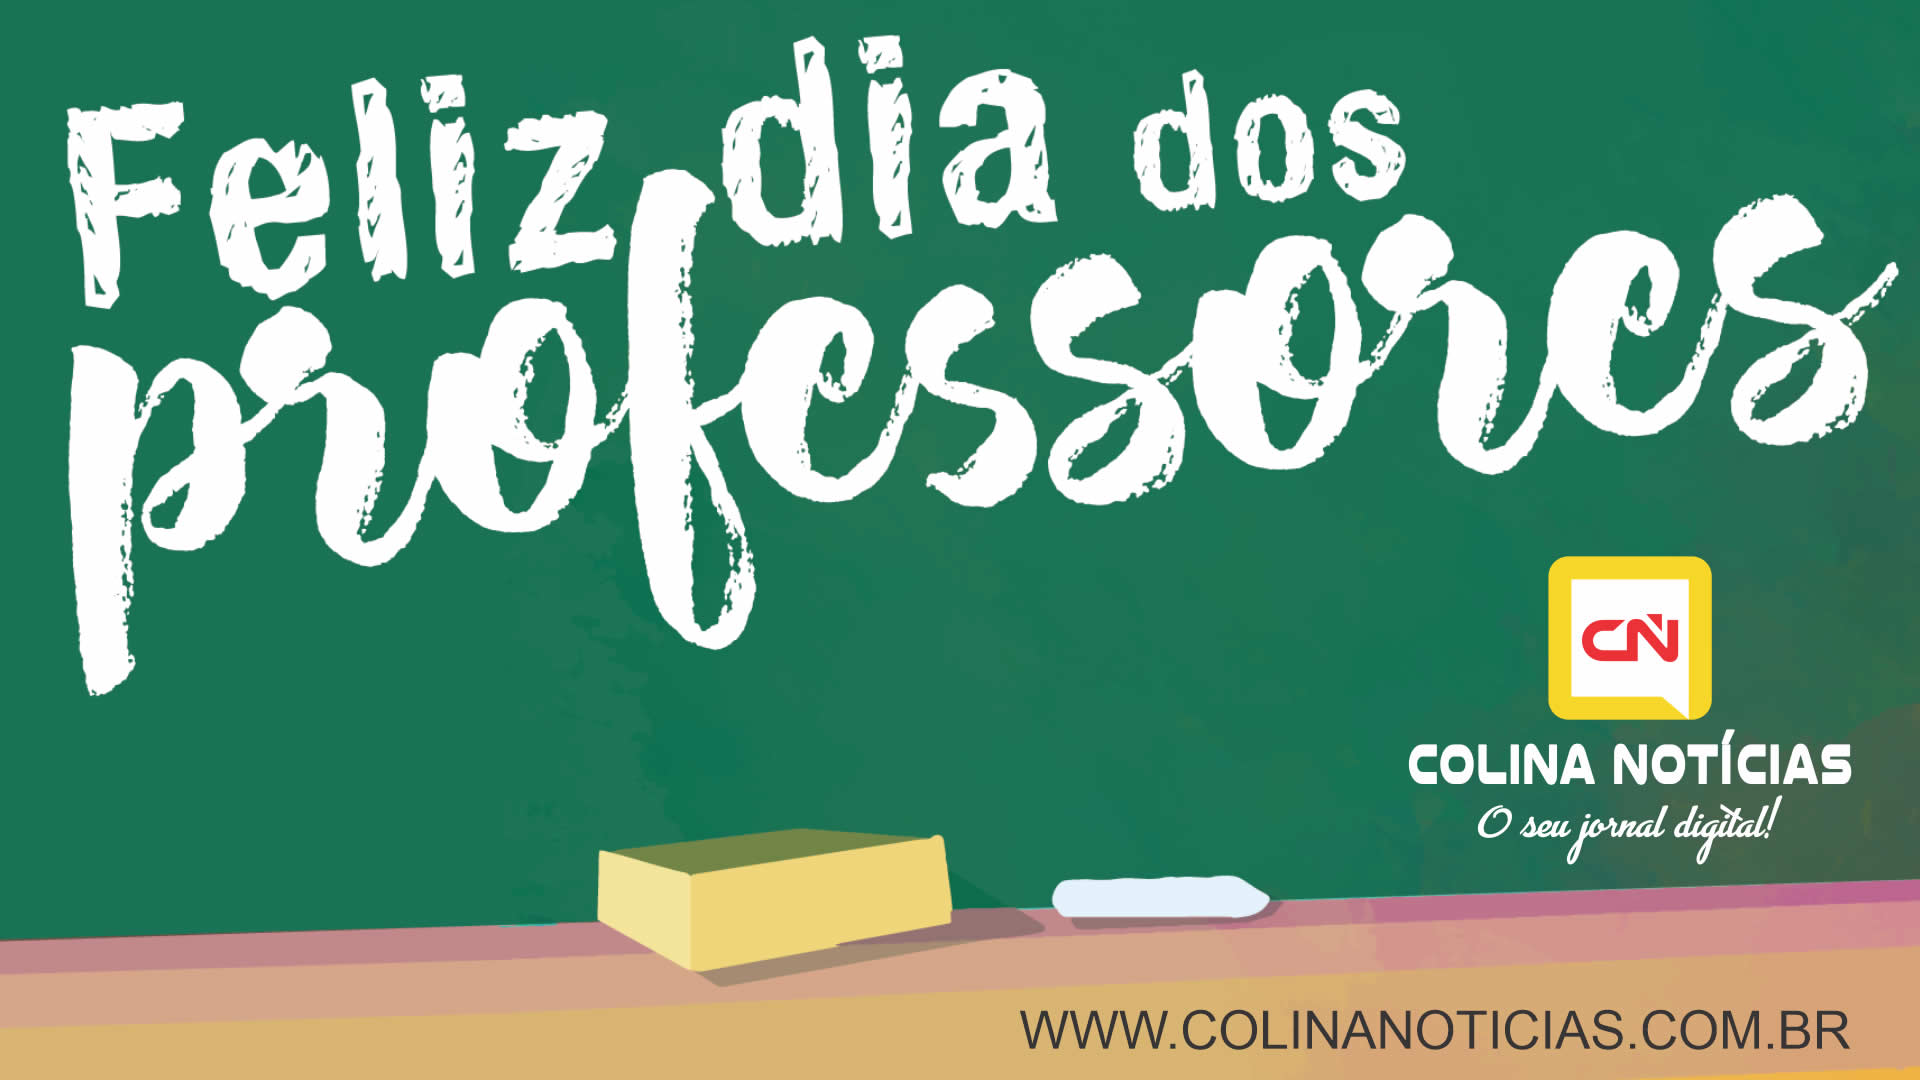 Feliz Dia Dos Professores Colina Noticias